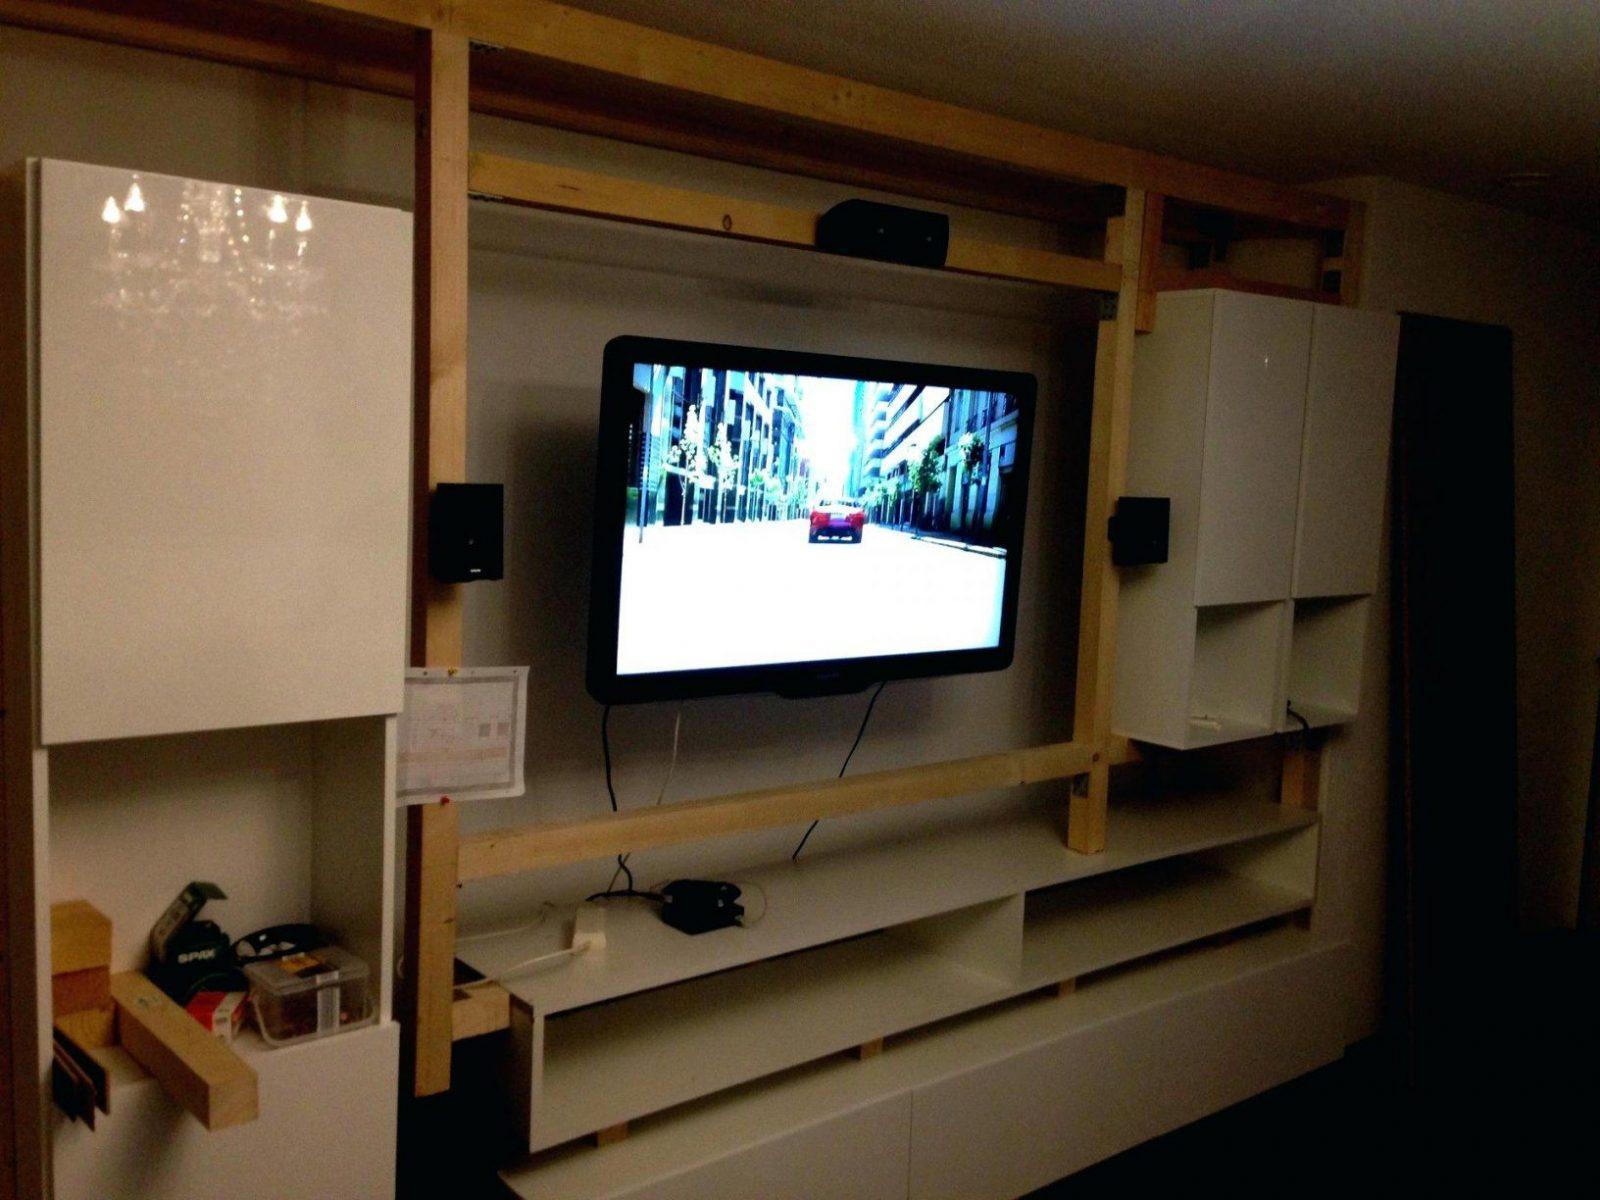 Tv verstecken schanheit wohnzimmer wand ideen auf tile - Wohnzimmer tv wand ...